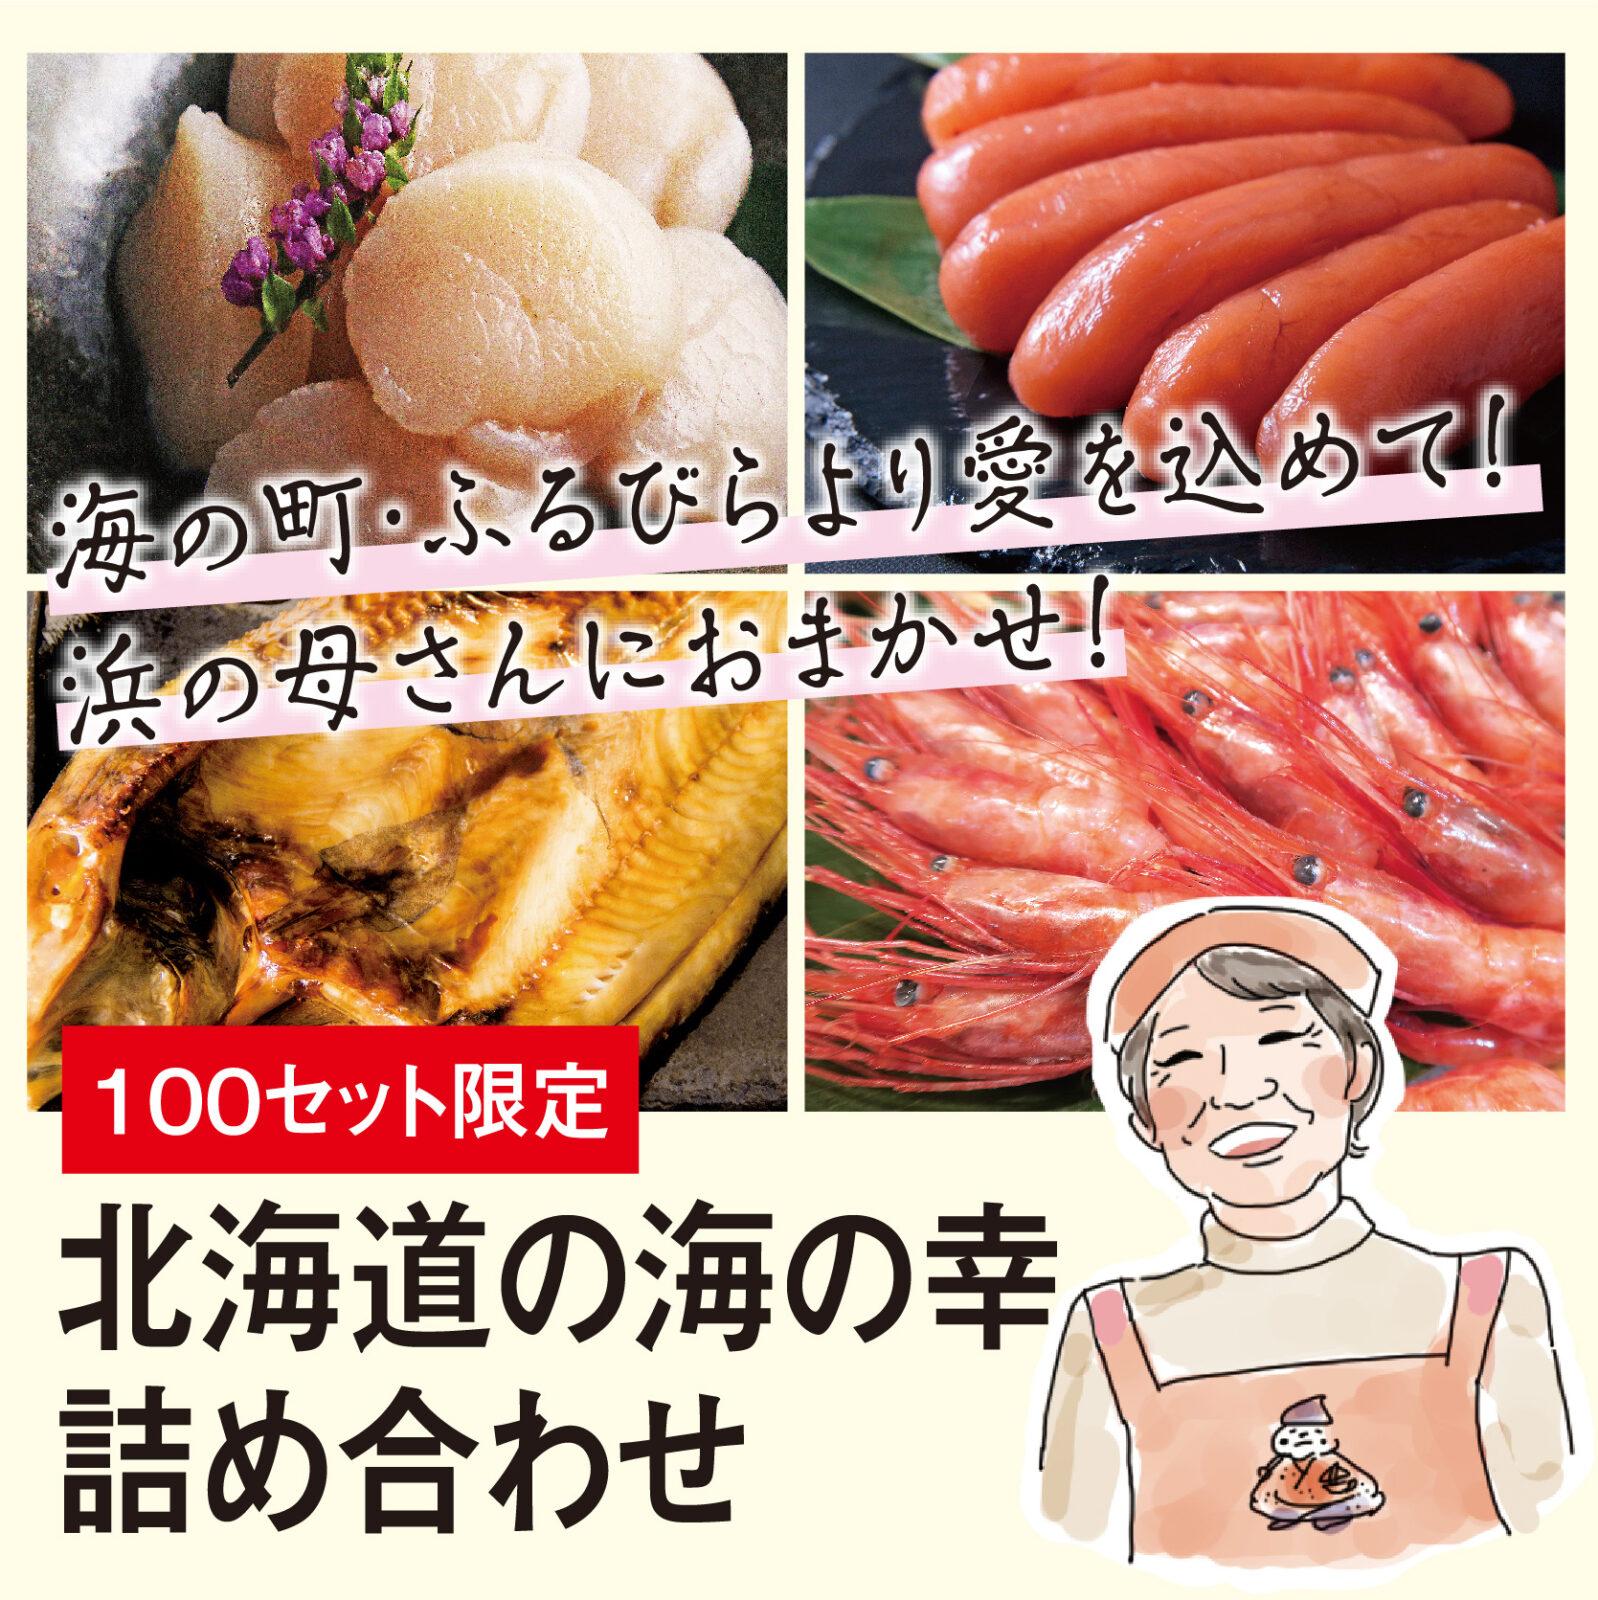 期間限定シークレット1万円福袋